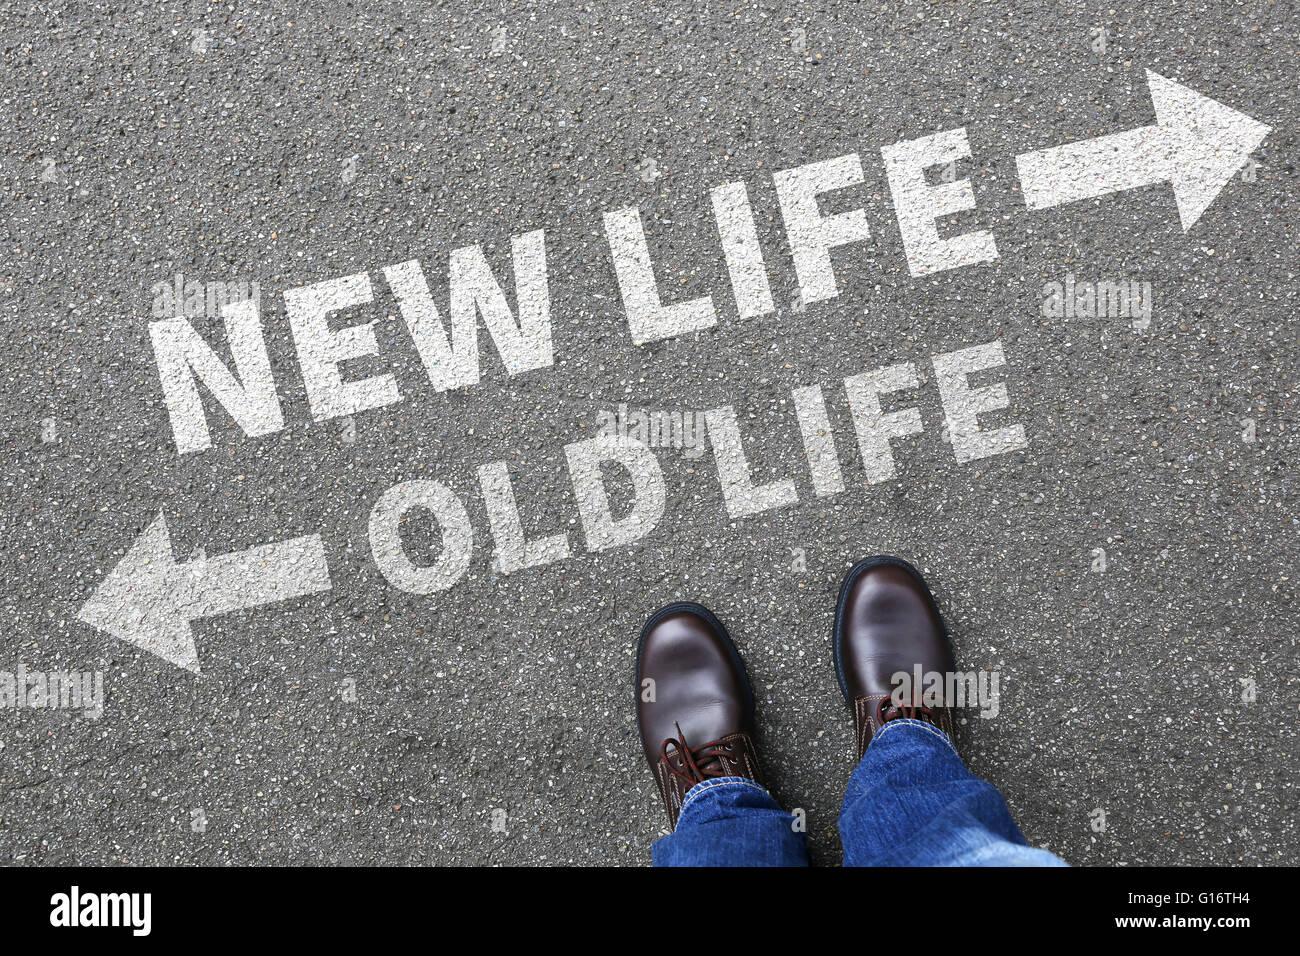 La vieja nueva vida futuros objetivos últimos éxitos decisión decidir cambiar selección Imagen De Stock